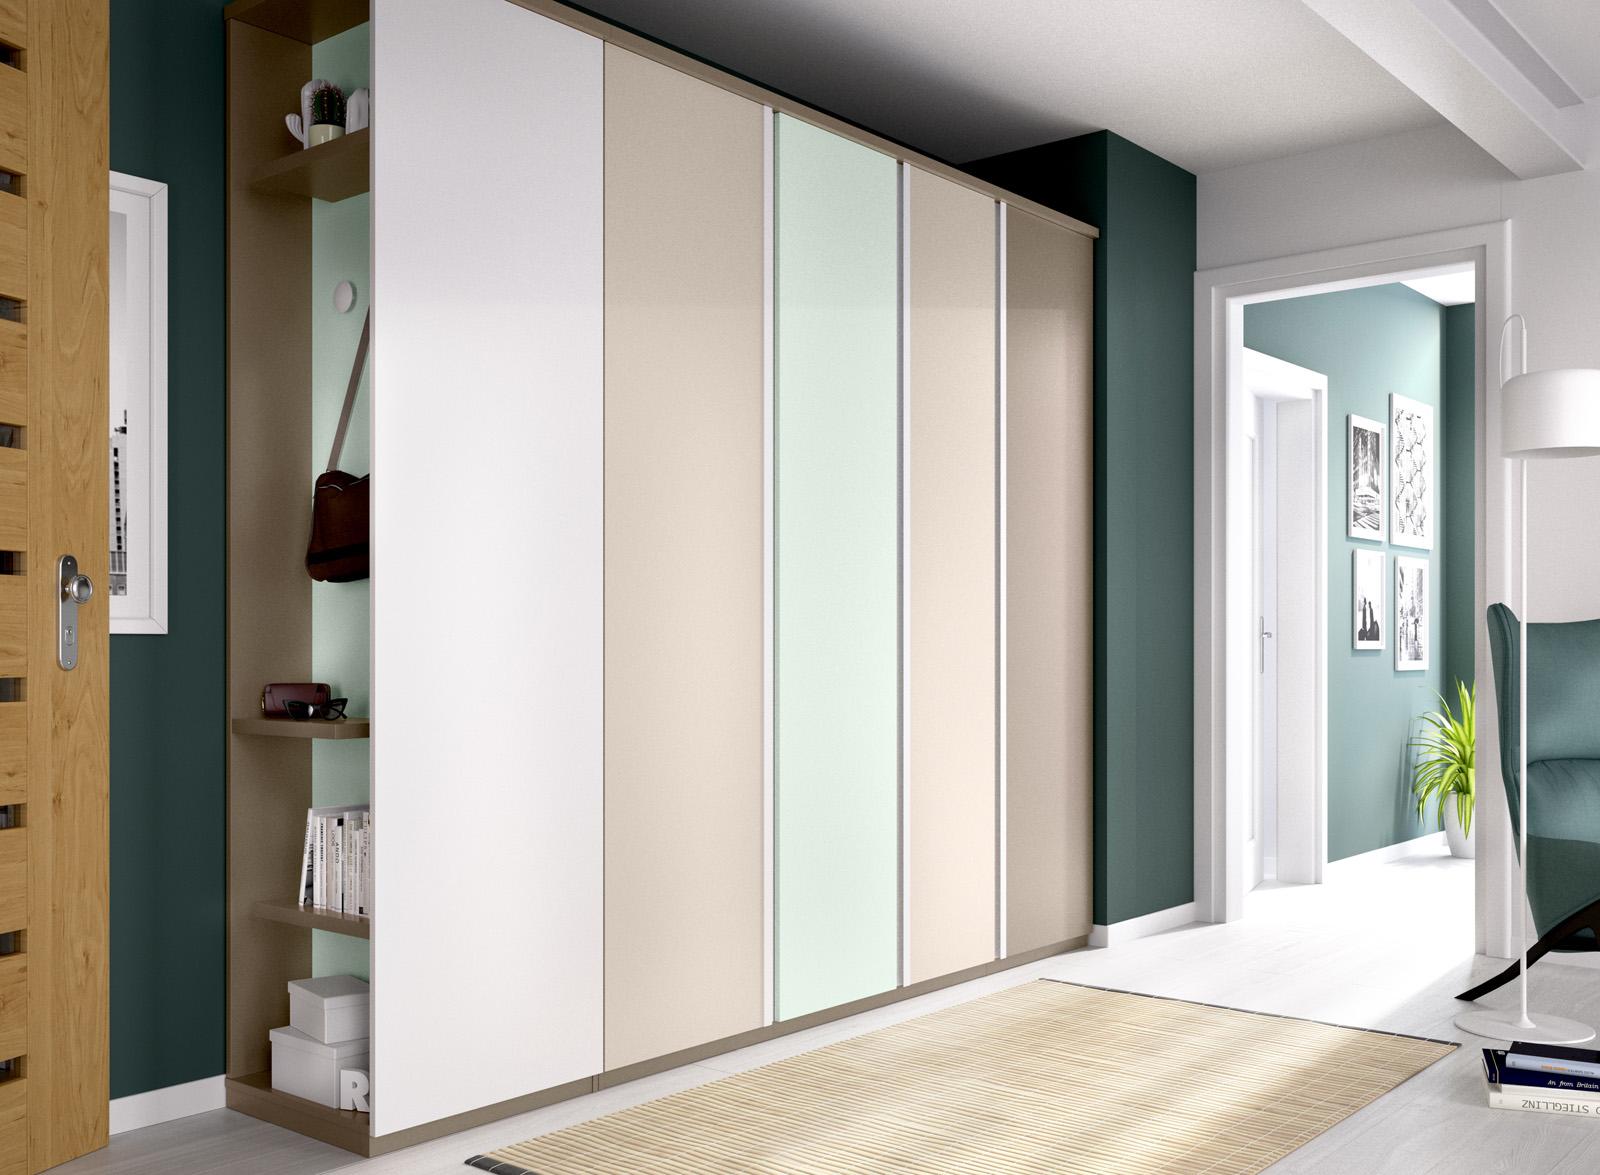 Dormitorios Juveniles Muebles Rey. Gallery Of Mesa De Estudio Blanca ...